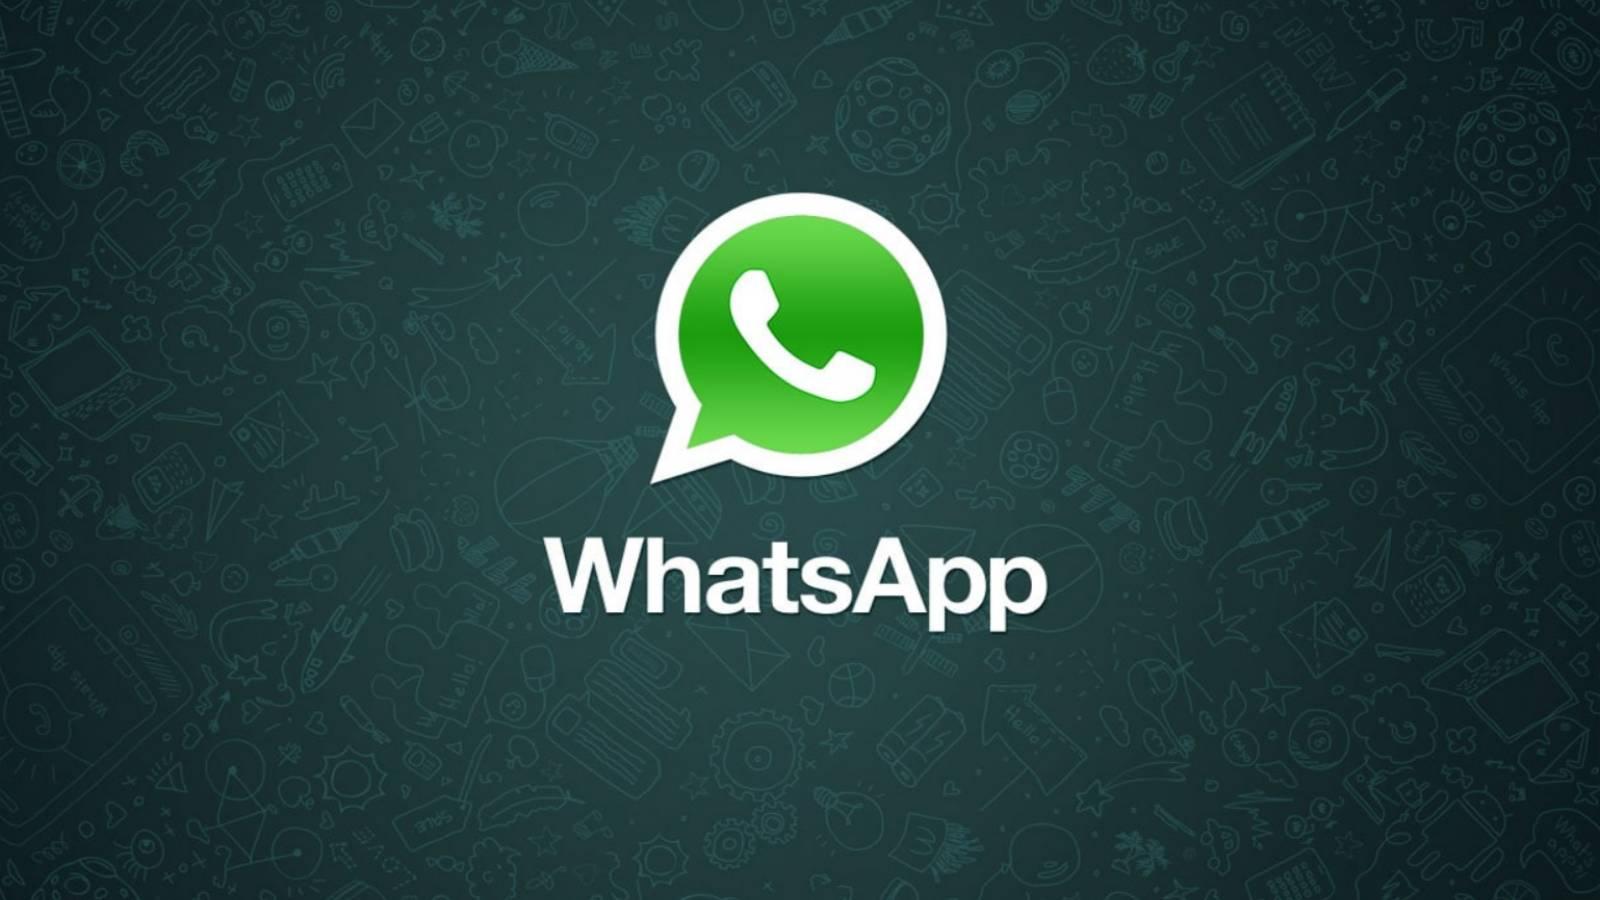 WhatsApp interior